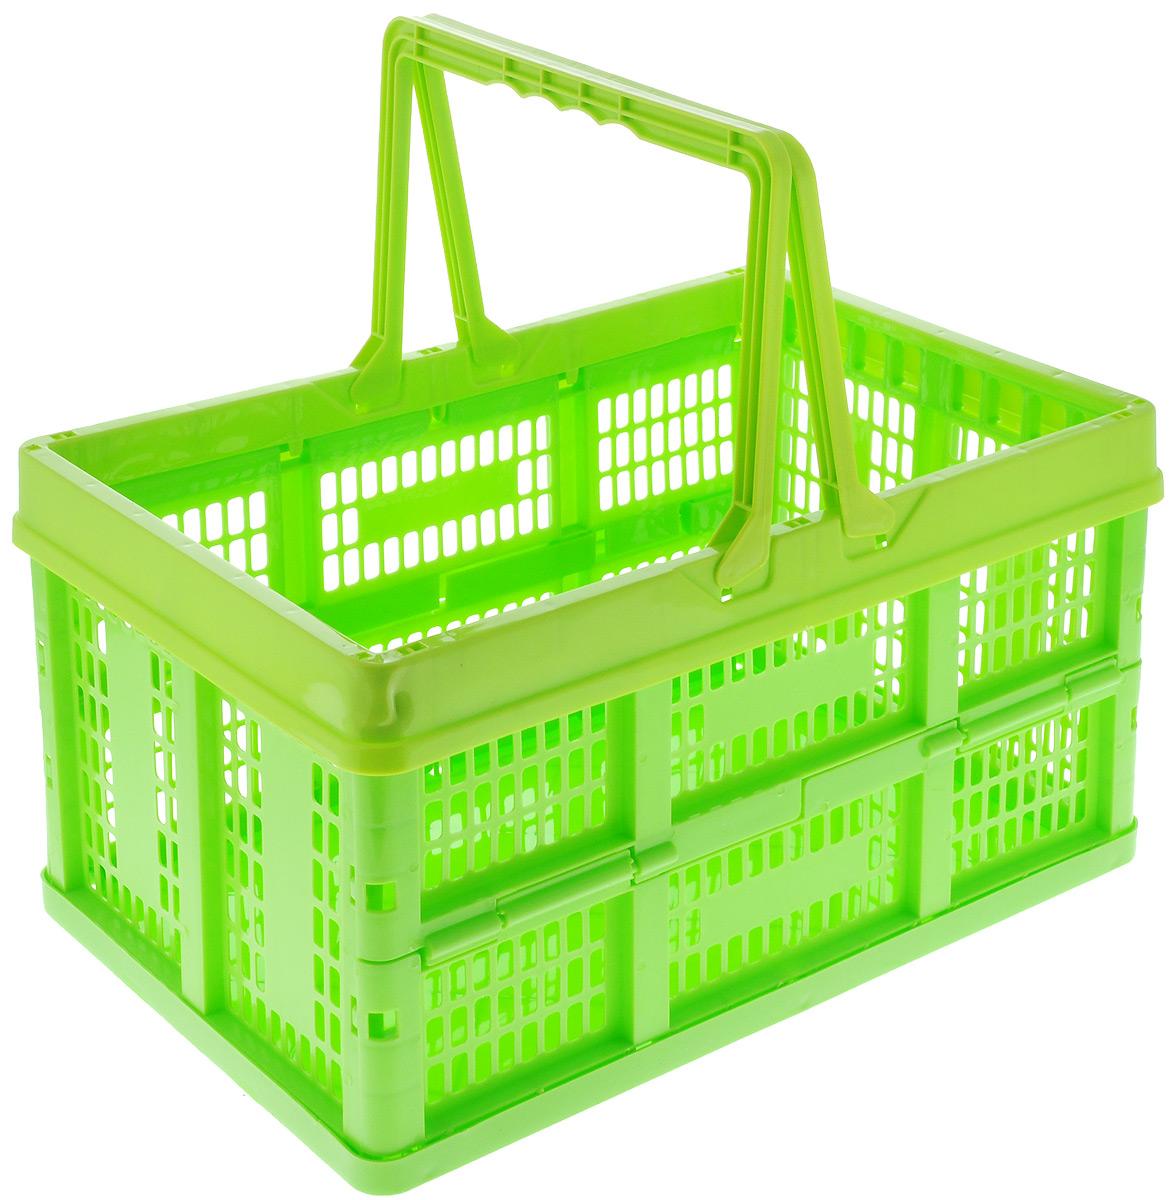 Ящик универсальный Альтернатива, раскладной, цвет: салатовый, 38,5 х 25,5 х 21 см662034_салатовыйУниверсальный ящик Альтернатива изготовлен из высококачественного пластика. Ящик предназначен для хранения и транспортировки овощей. Он оснащен ручками для переноски. При необходимости ящик можно сложить. Ящик компактный, он не займет много места. Универсальный ящик Альтернатива станет незаменимым дома или на даче.Размер ящика (в сложенном виде): 38,5 х 26 х 5,5 см.